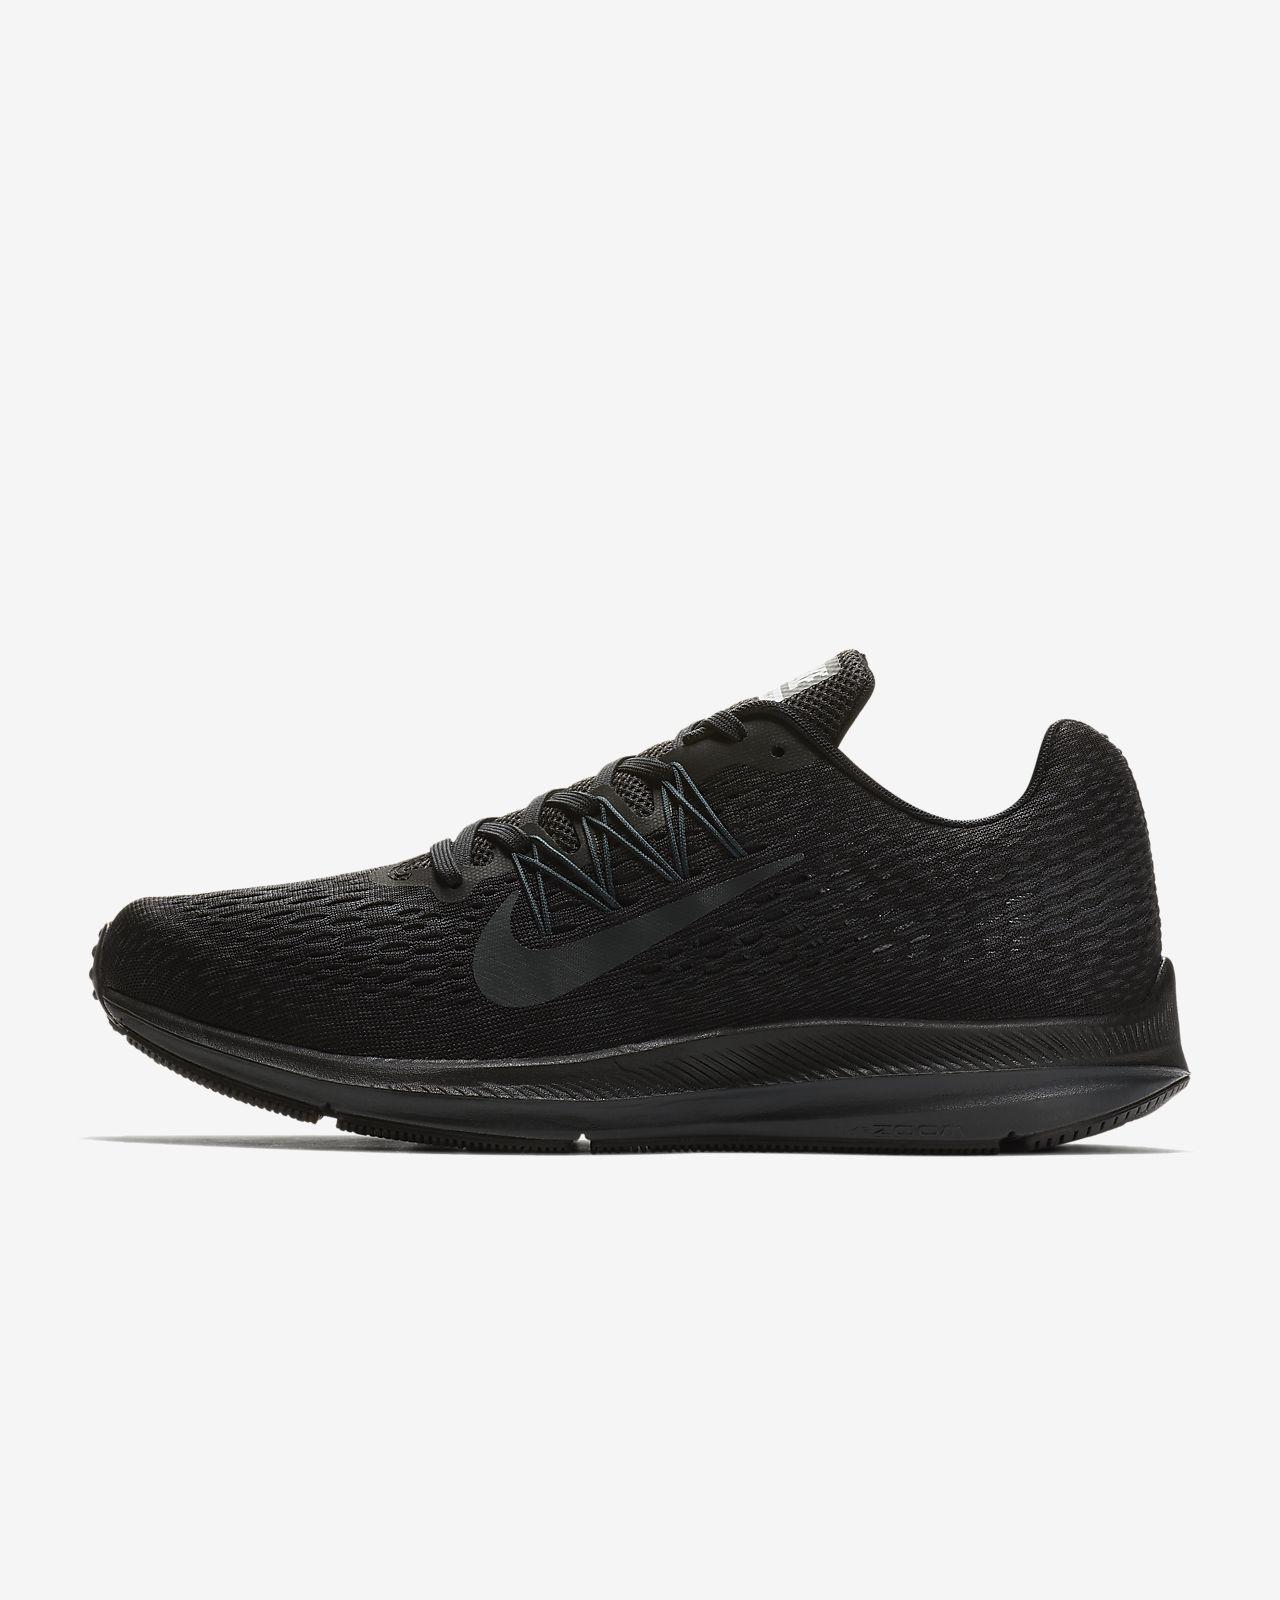 Calzado de running para hombre Nike Air Zoom Winflo 5